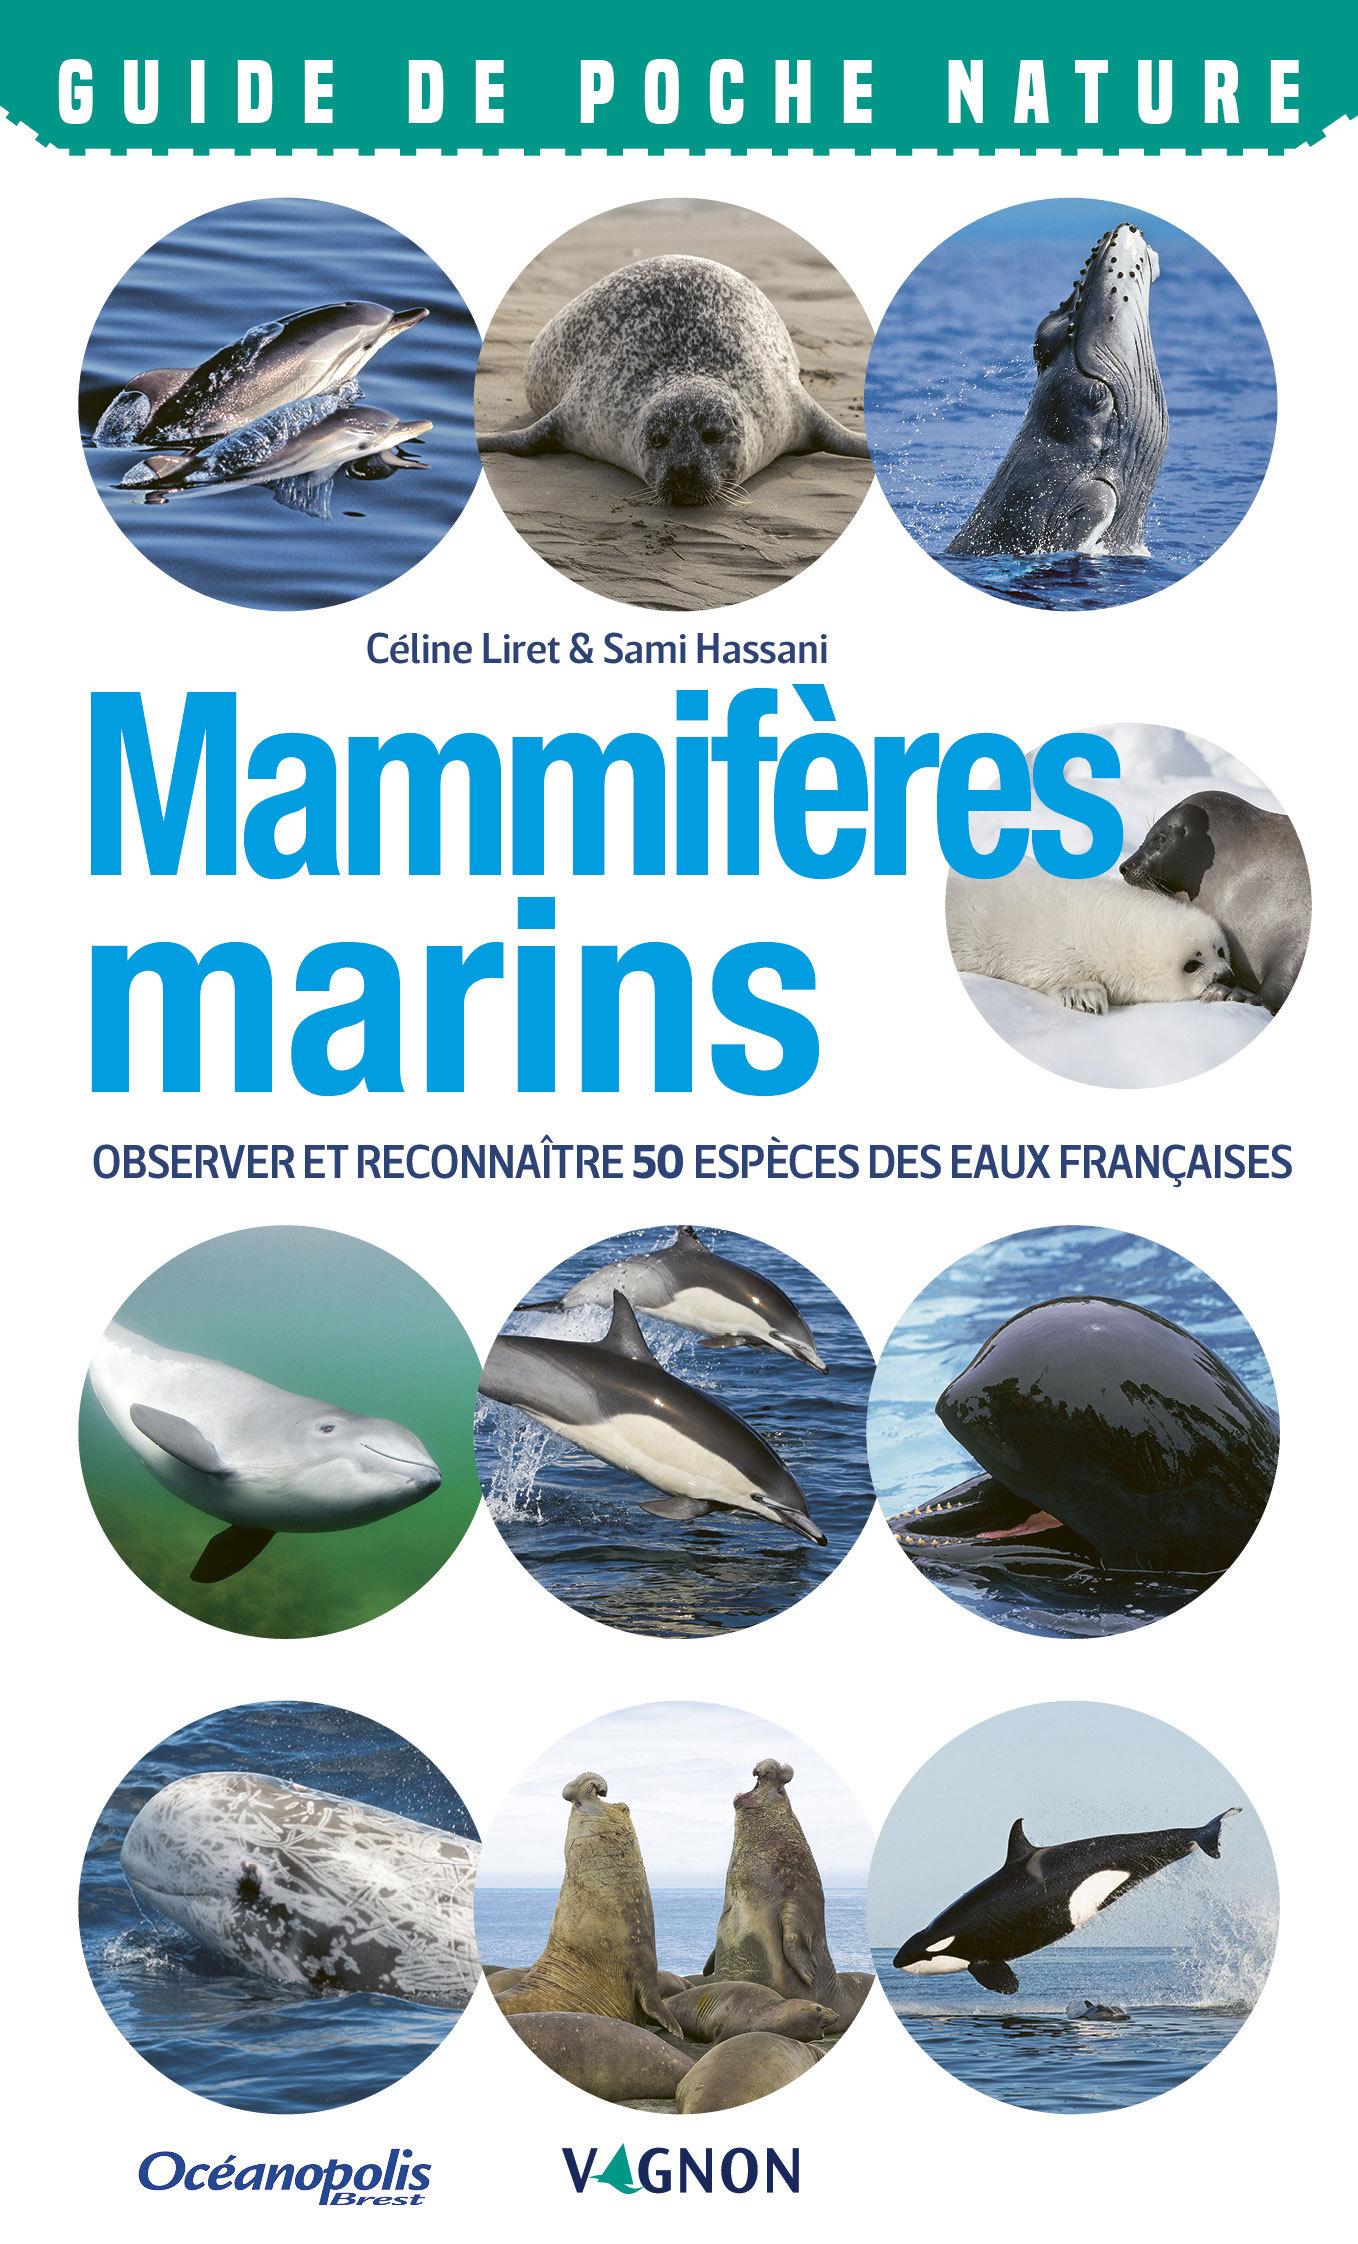 MAMMIFERES MARINS. OBSERVER ET RECONNAITRE 50 ESPECES DES EAUX FRANCAISES